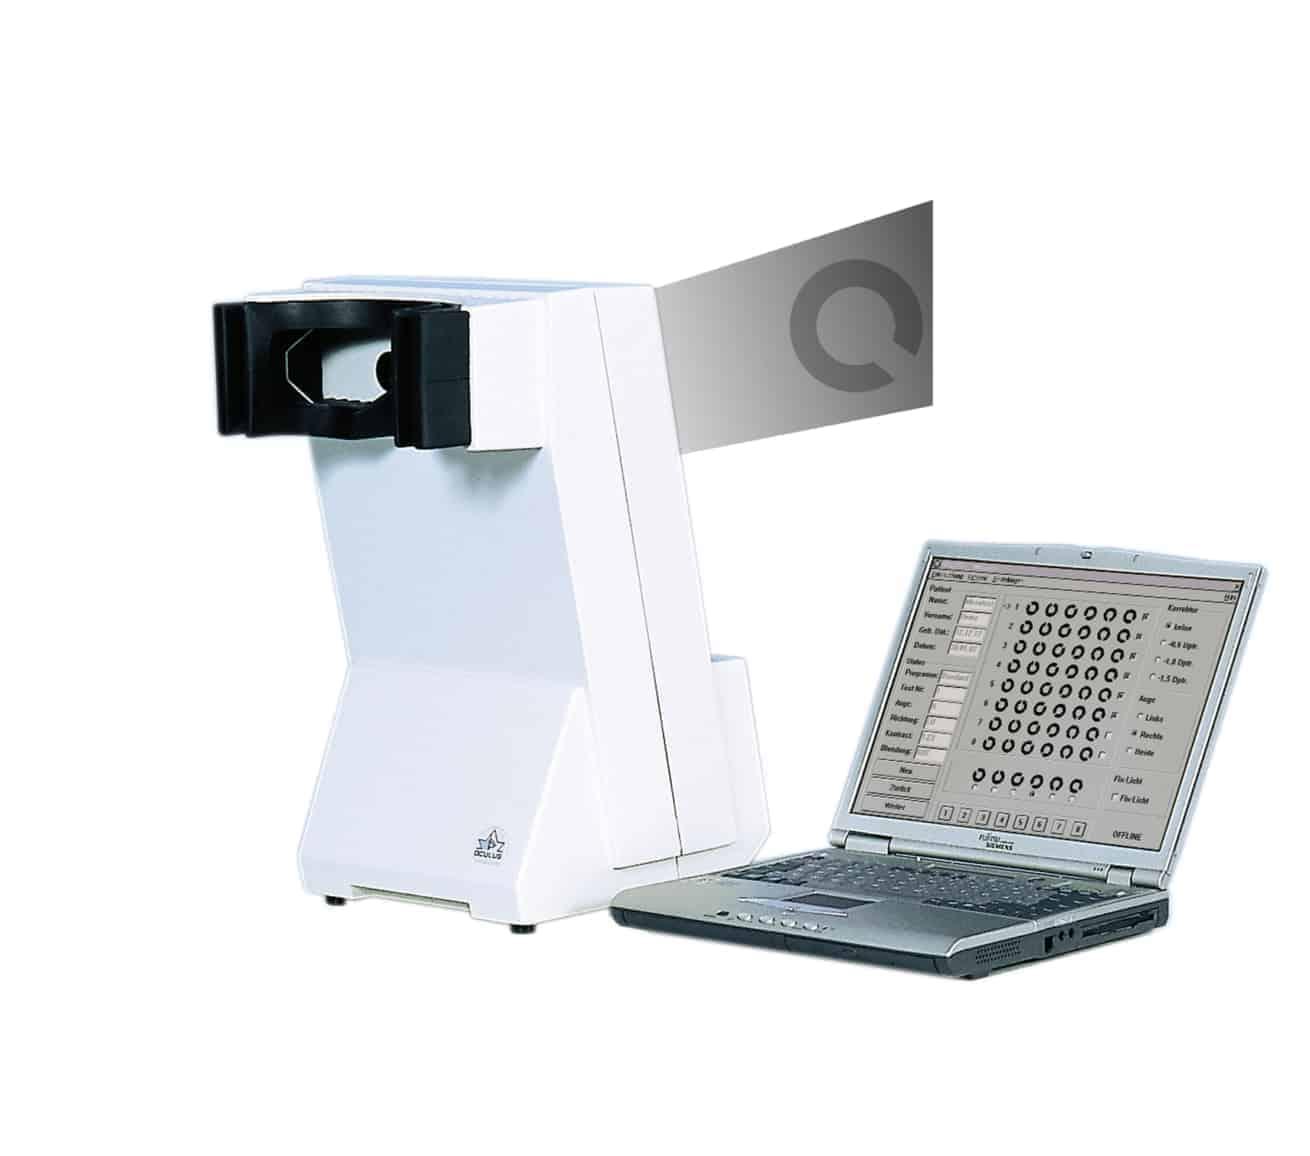 Mesotest - Produkt mit Laptop für augenärztliche Gutachten (Führerschein, Flugschein, Polizei)